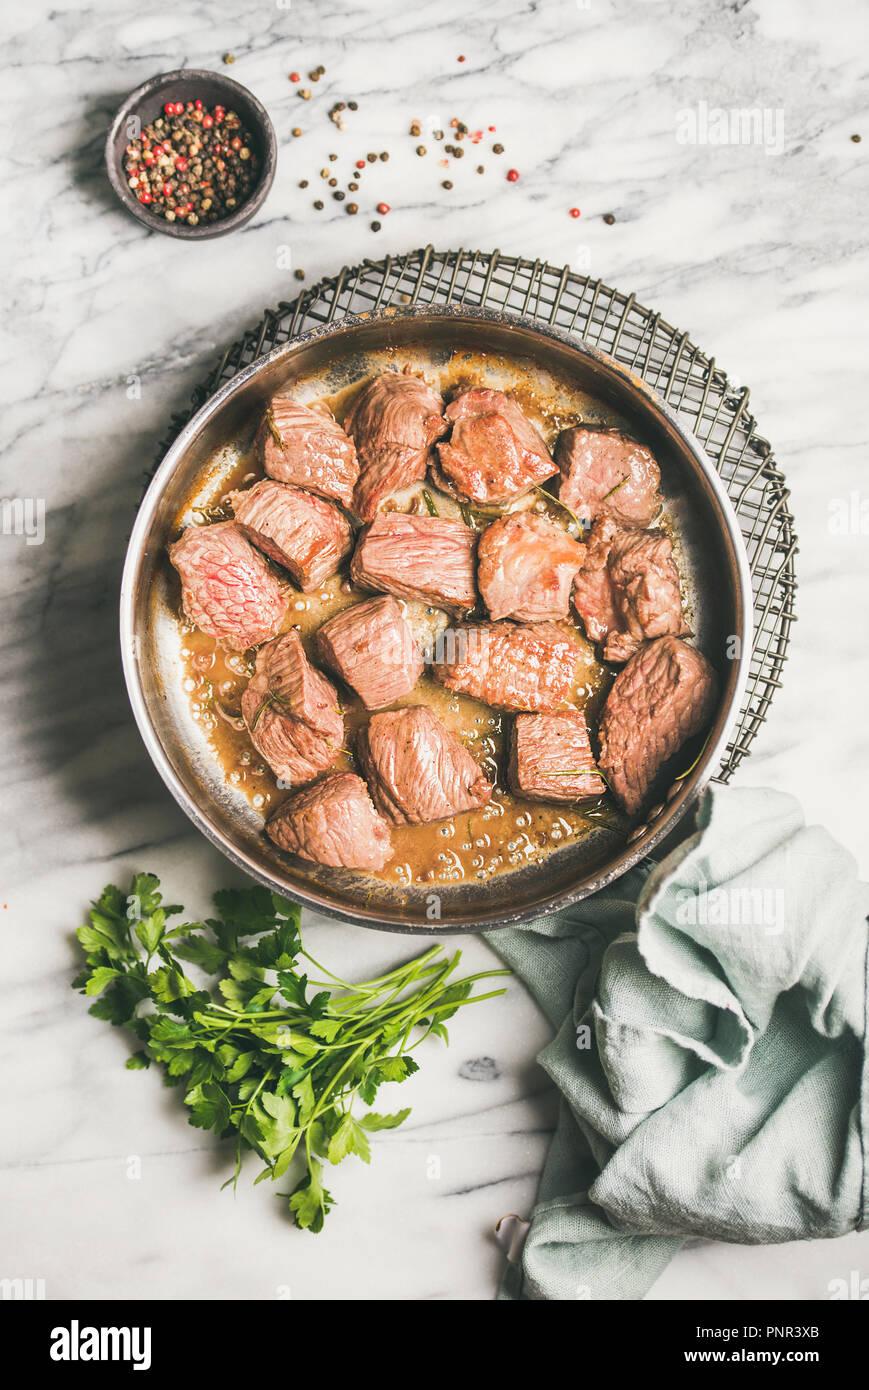 Brasato di manzo stufato di carne con prezzemolo fresco nel recipiente di cottura Immagini Stock